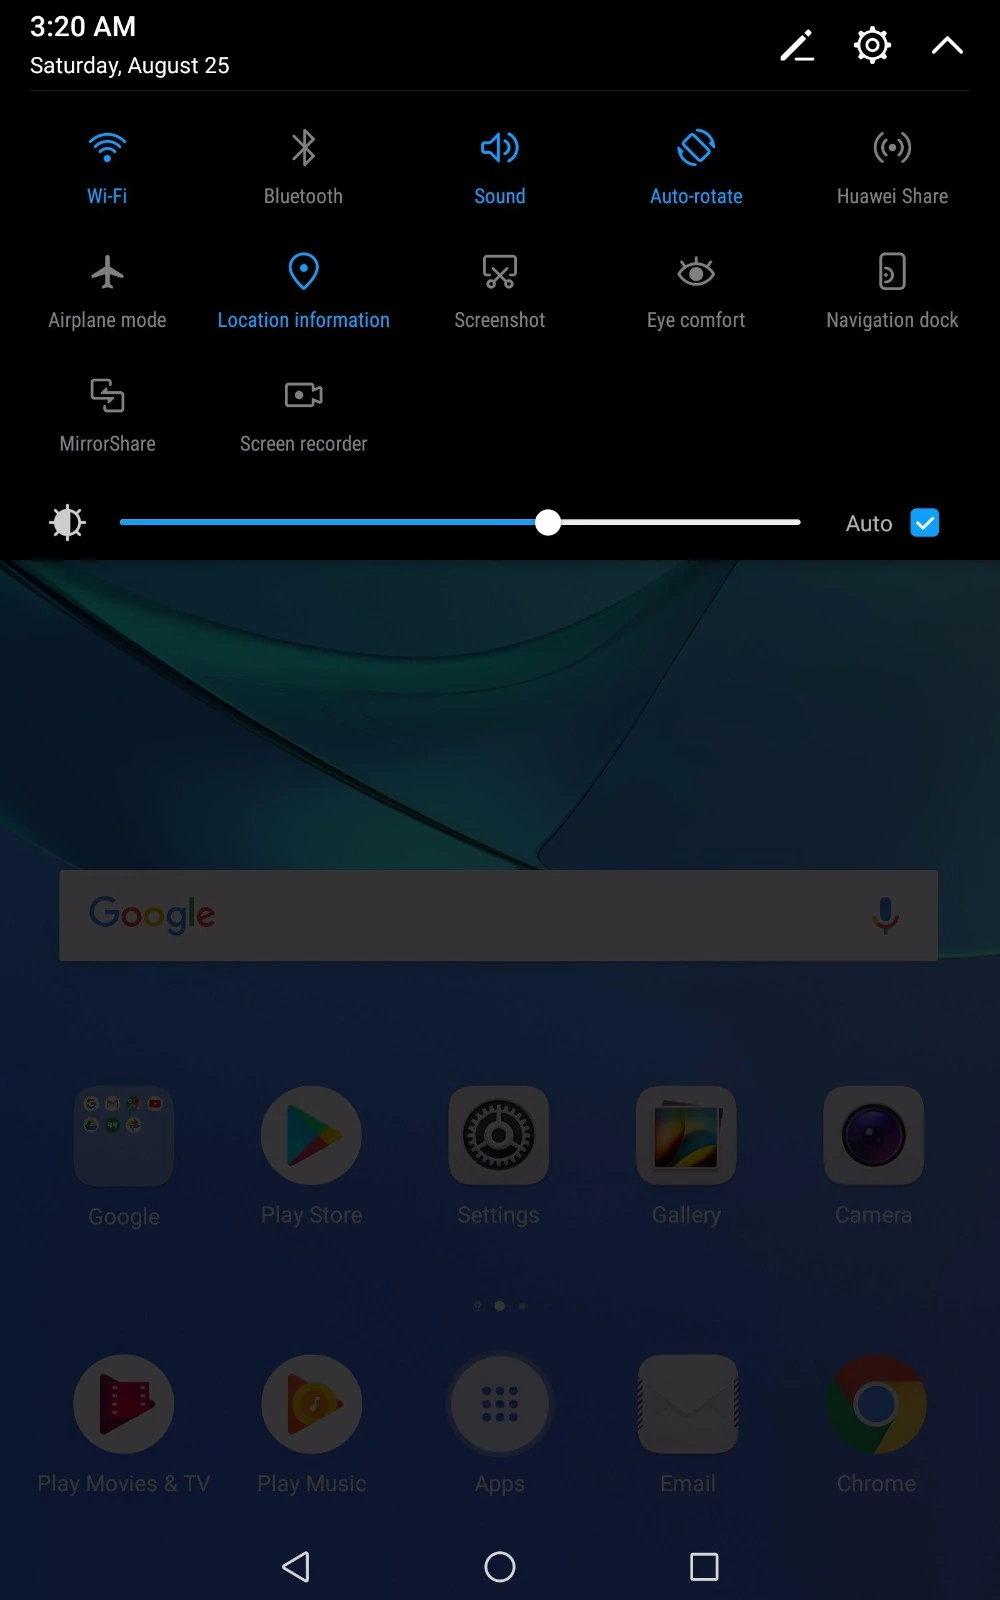 huawei mediapad m6 pad 4g lte tablet 2019